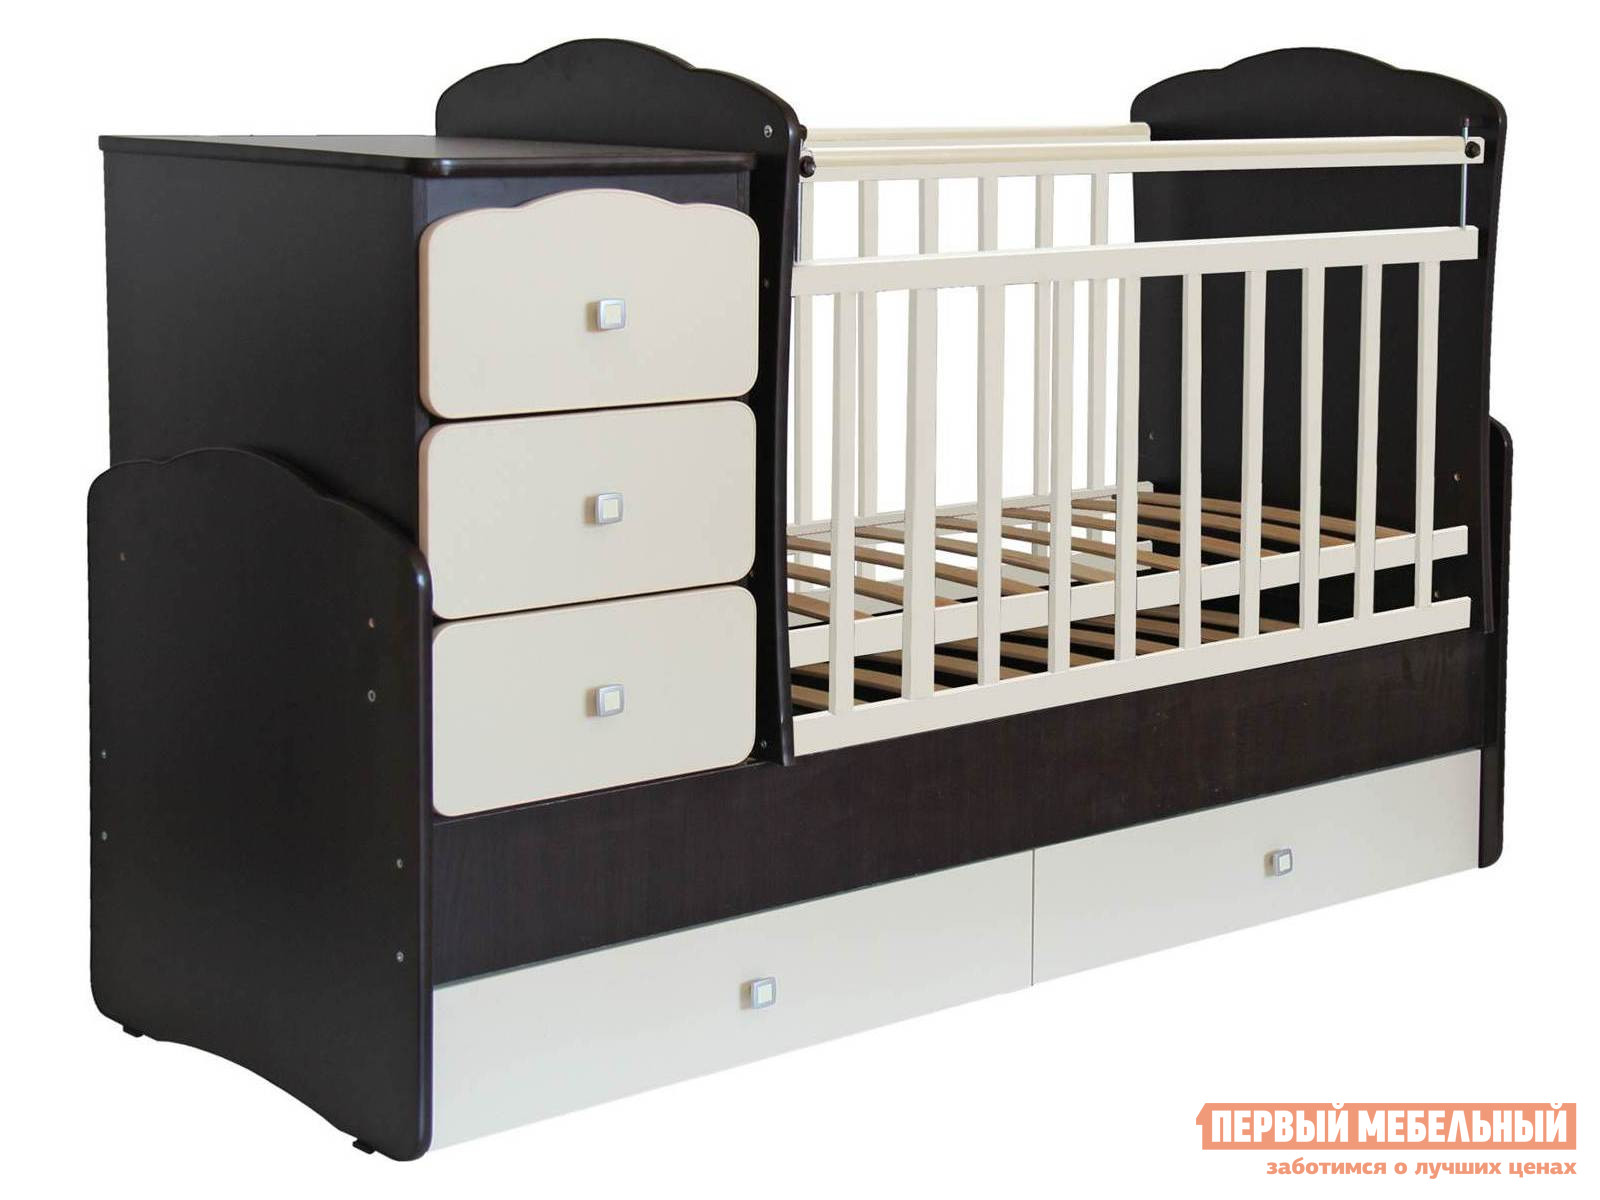 Кроватка ВПК Фея 2100 цена